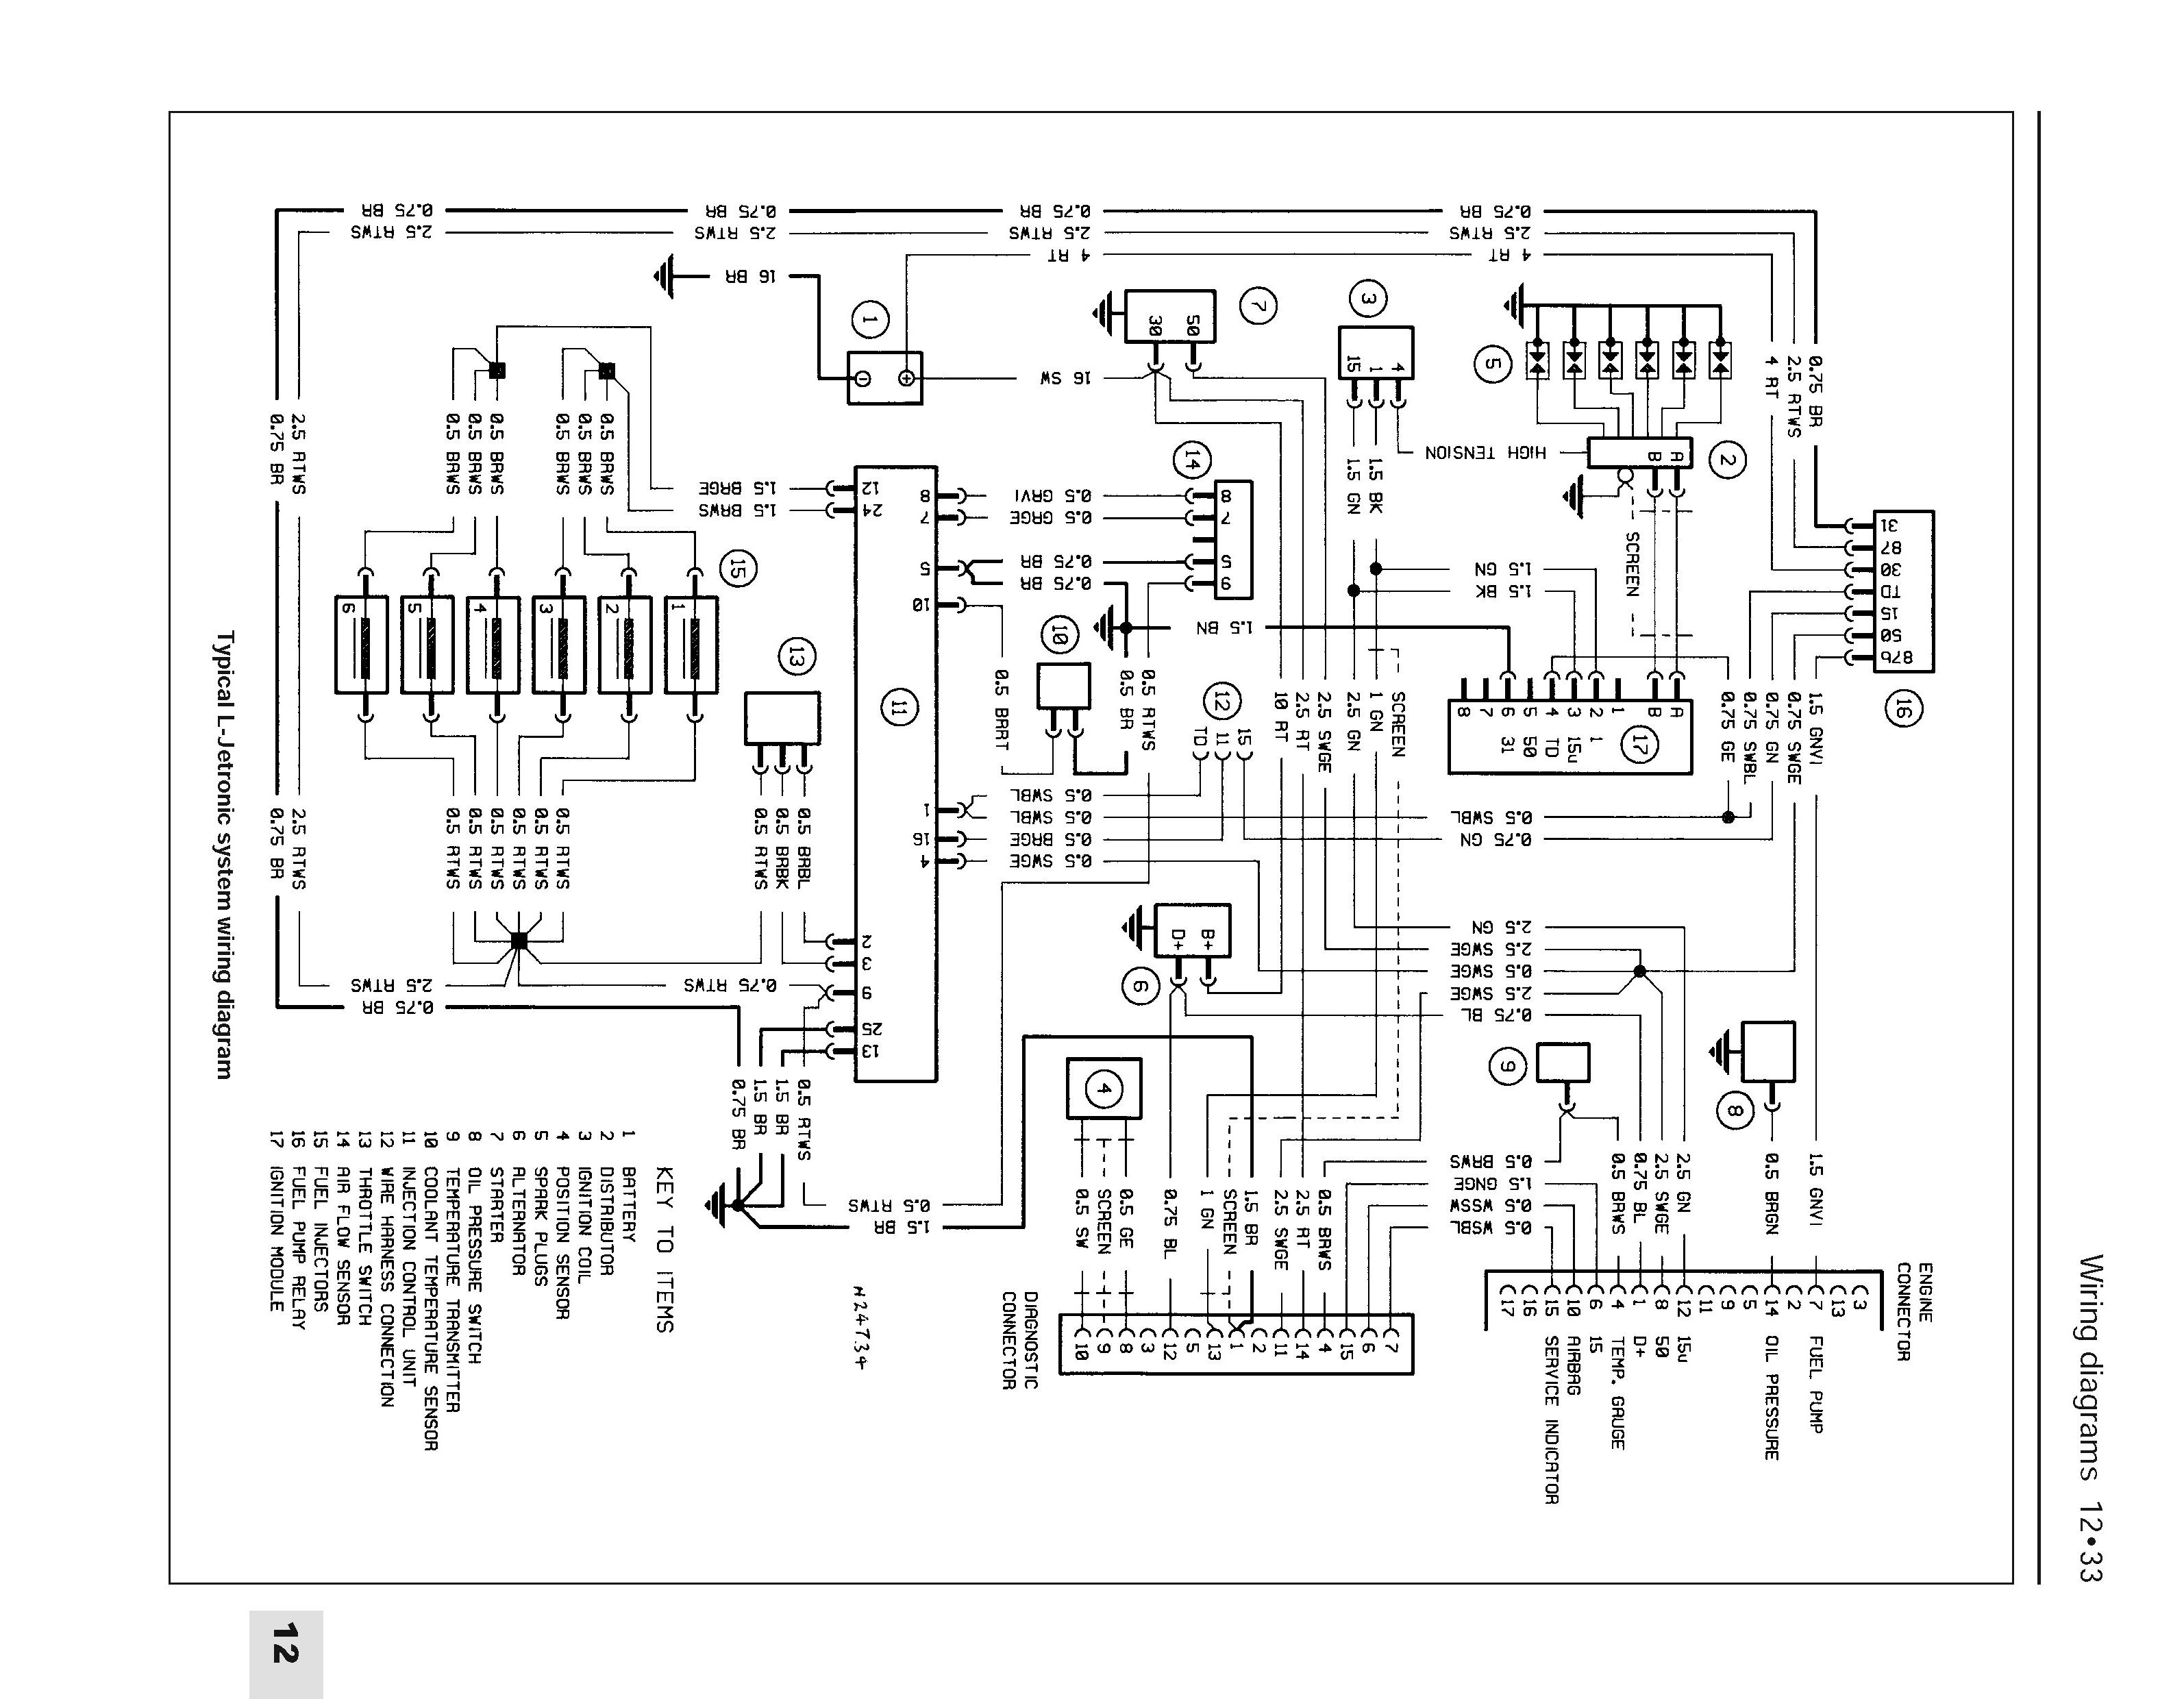 Bmw 740il Engine Diagram Schematics For 98